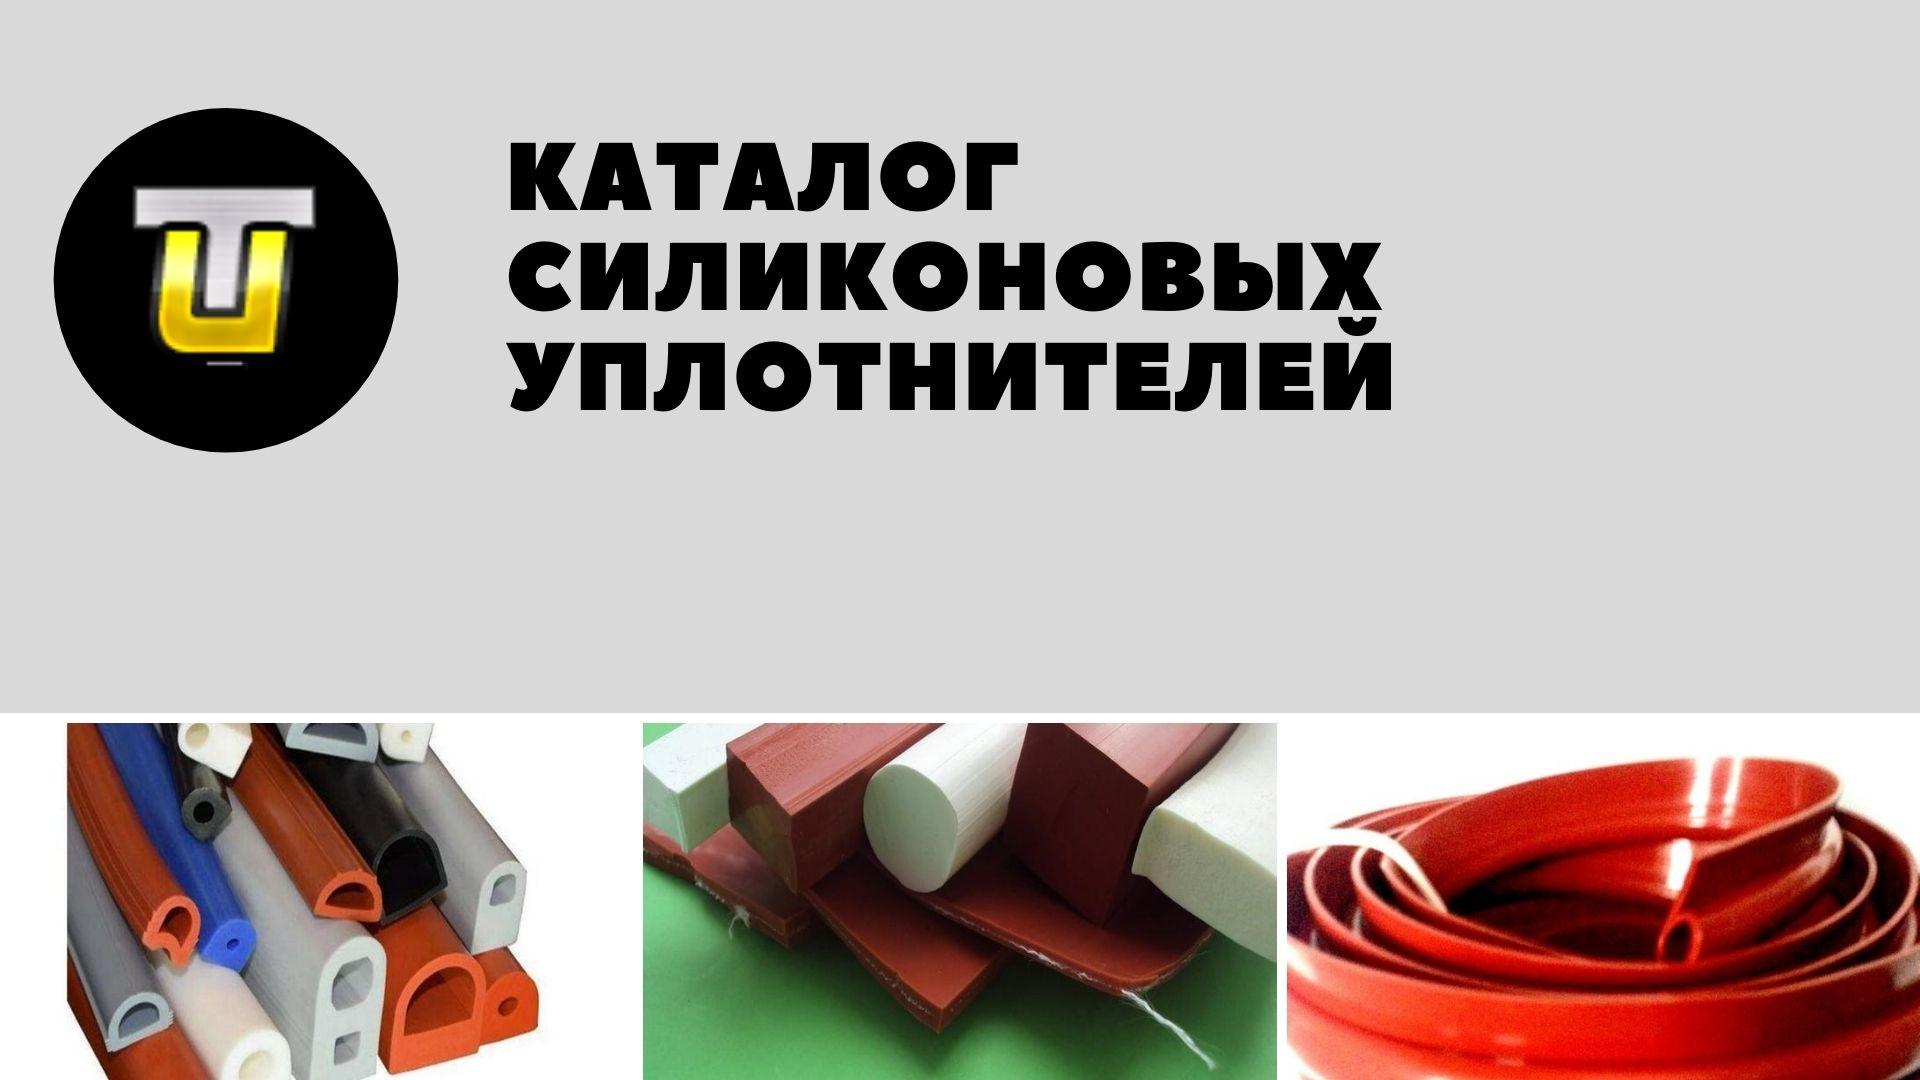 Каталог силиконовых уплотнителей